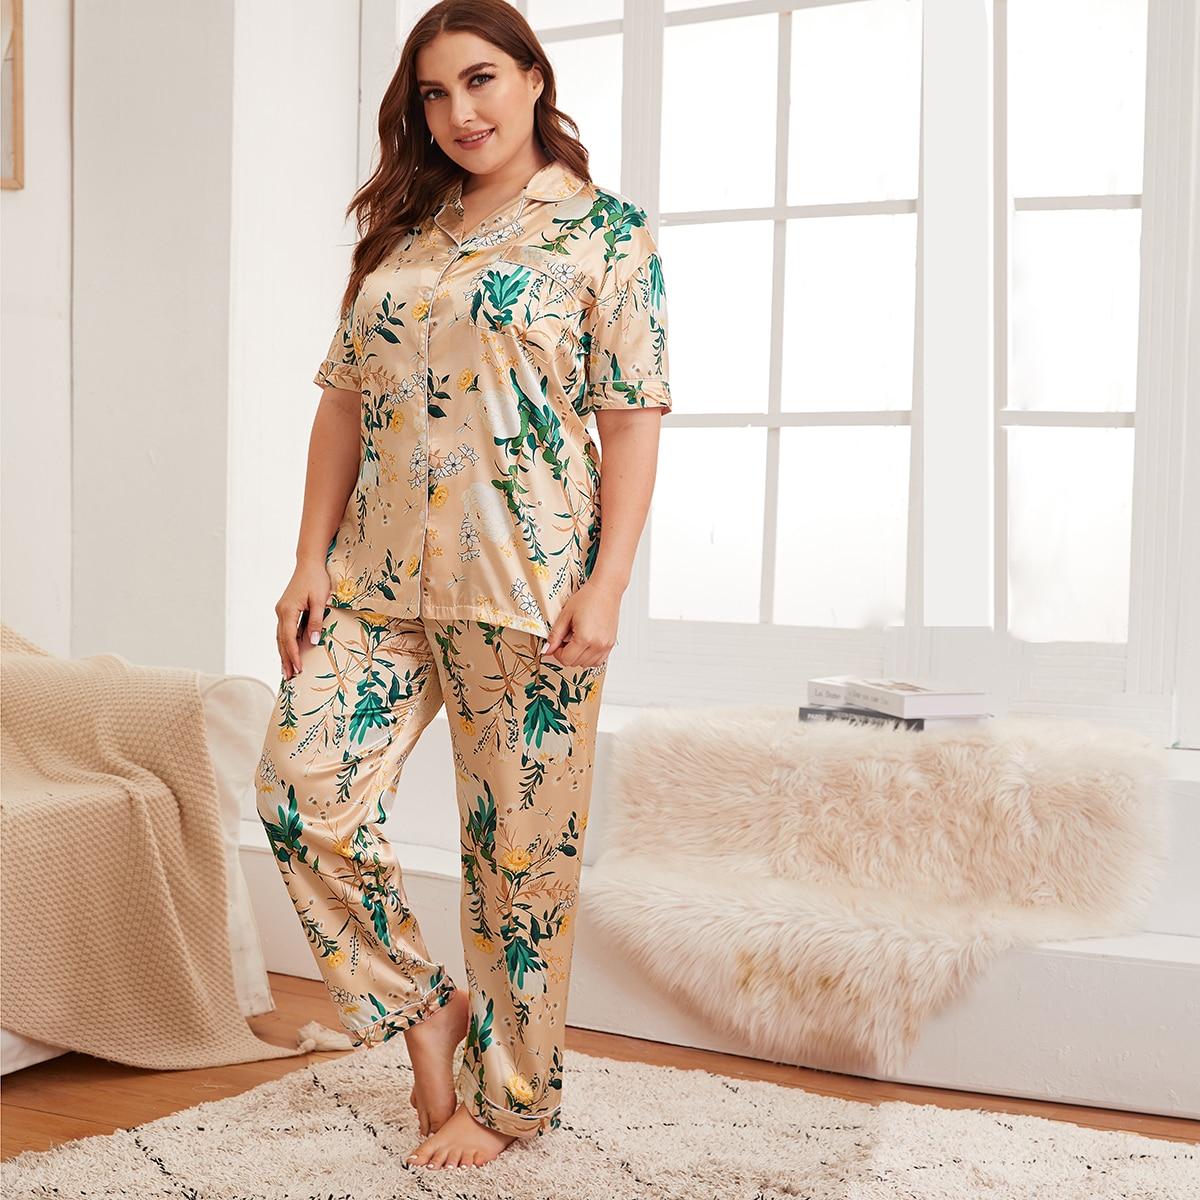 shein Goud Casual Bloemen Grote maten pyjama sets Voorpand met Knoopjes